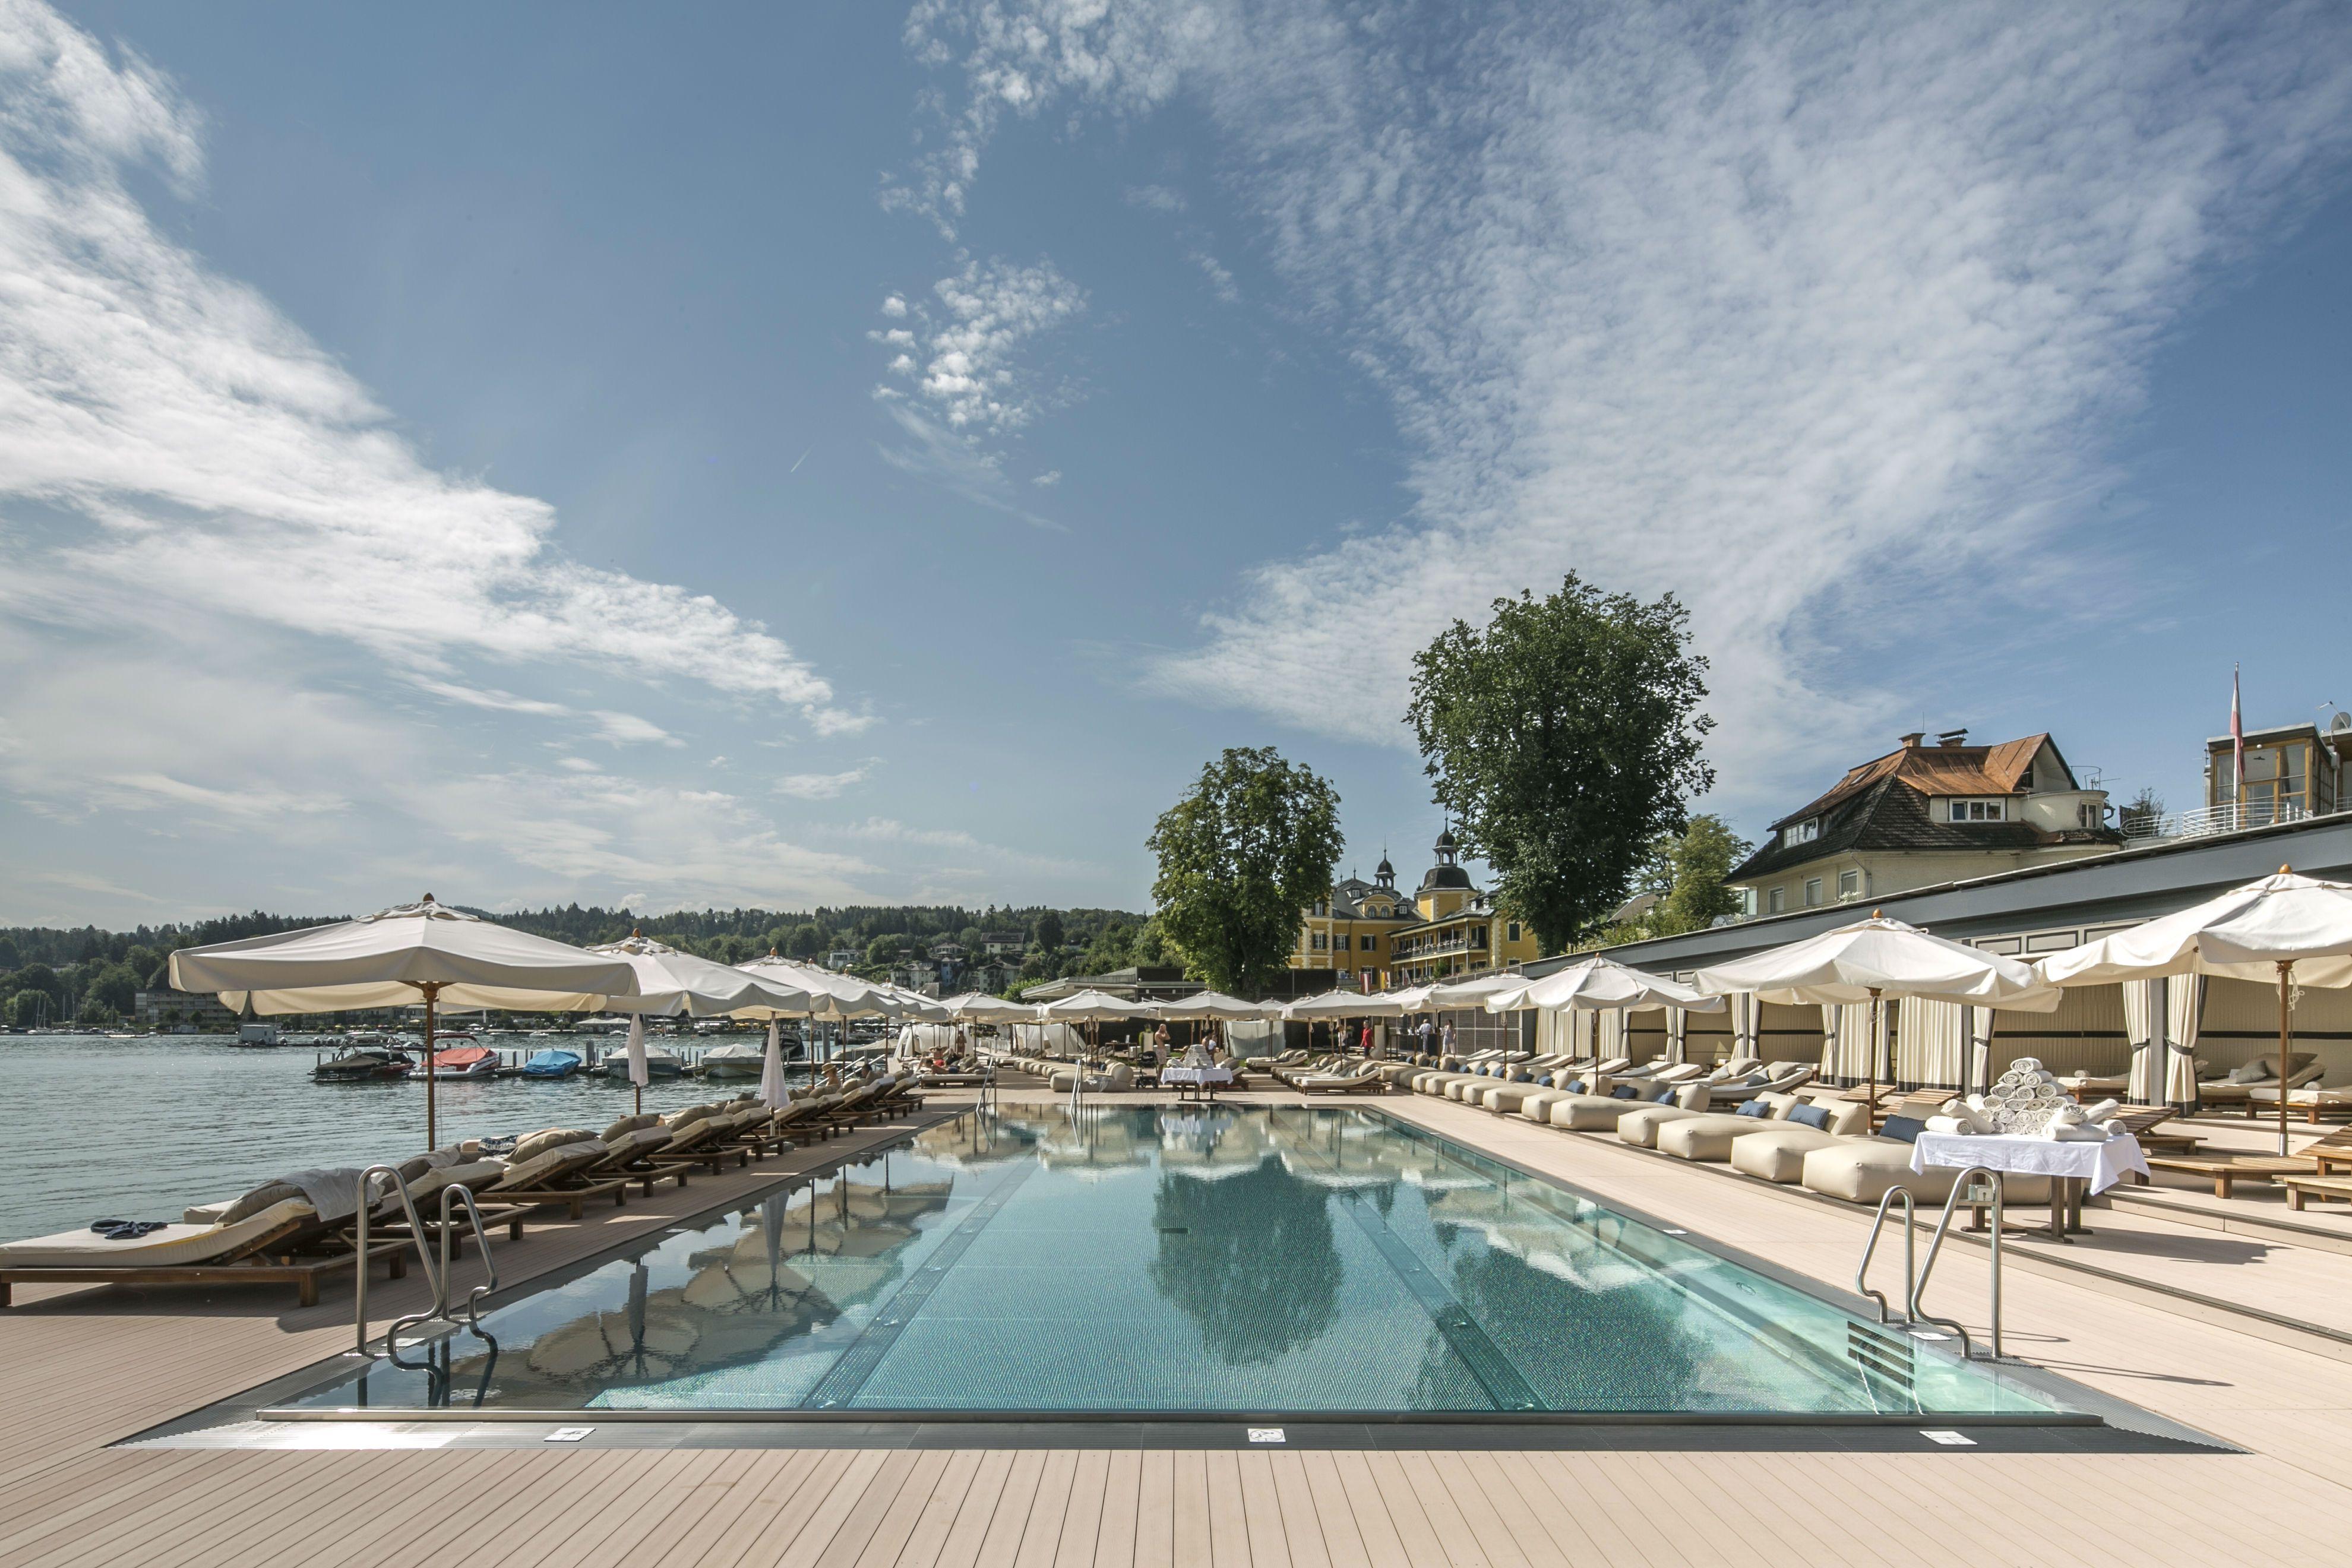 SCHLOSSHOTEL VELDEN ***** - Beach Club    #leadingsparesort #schlosshotel #velden #kärnten #österreich #luxus #romantik #urlaub #ferien #entspannen #austria #австрия #النمسا #オーストリア #panorama #wörthersee #medical #acquapura #beachclub #seespitz #kulinarik #schlossstern #schlossbar #promenade #leading #spa #resort #schlossbräu #schlossgarten #flitterwochen #cryoliopolyse #jetset #wörtherseefilm